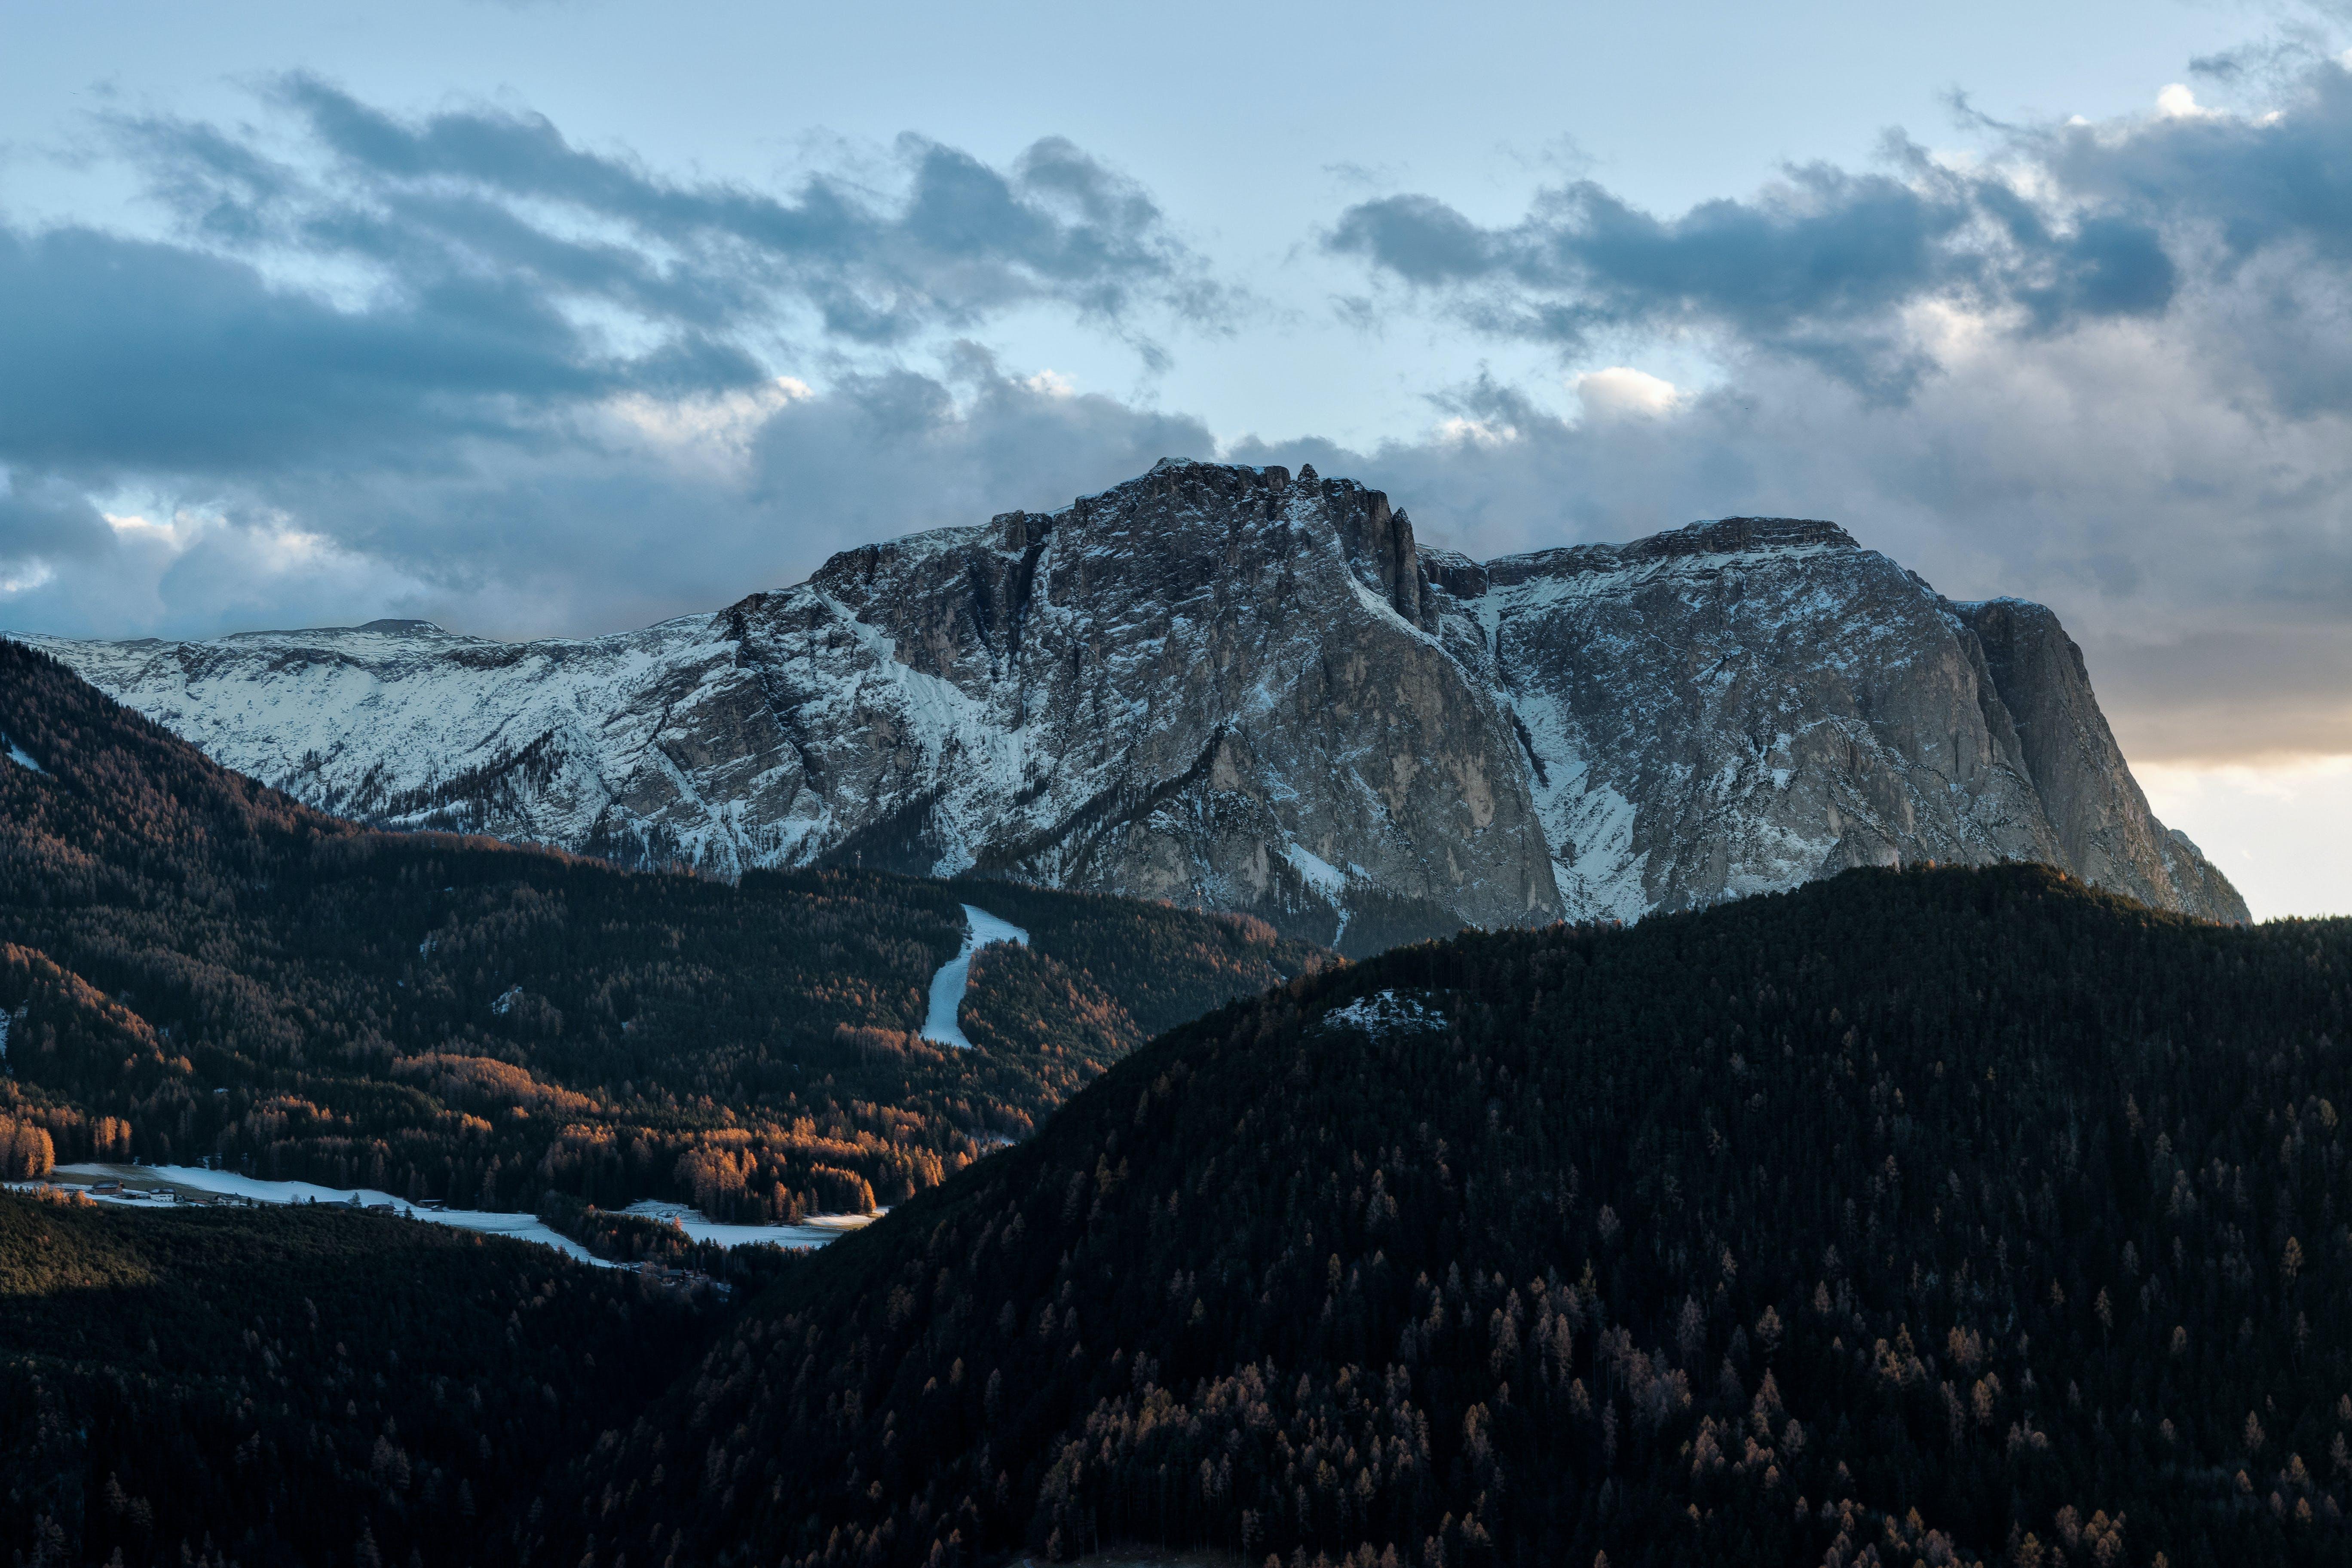 Kostenloses Stock Foto zu berge, dämmerung, felsiger berg, hd wallpaper